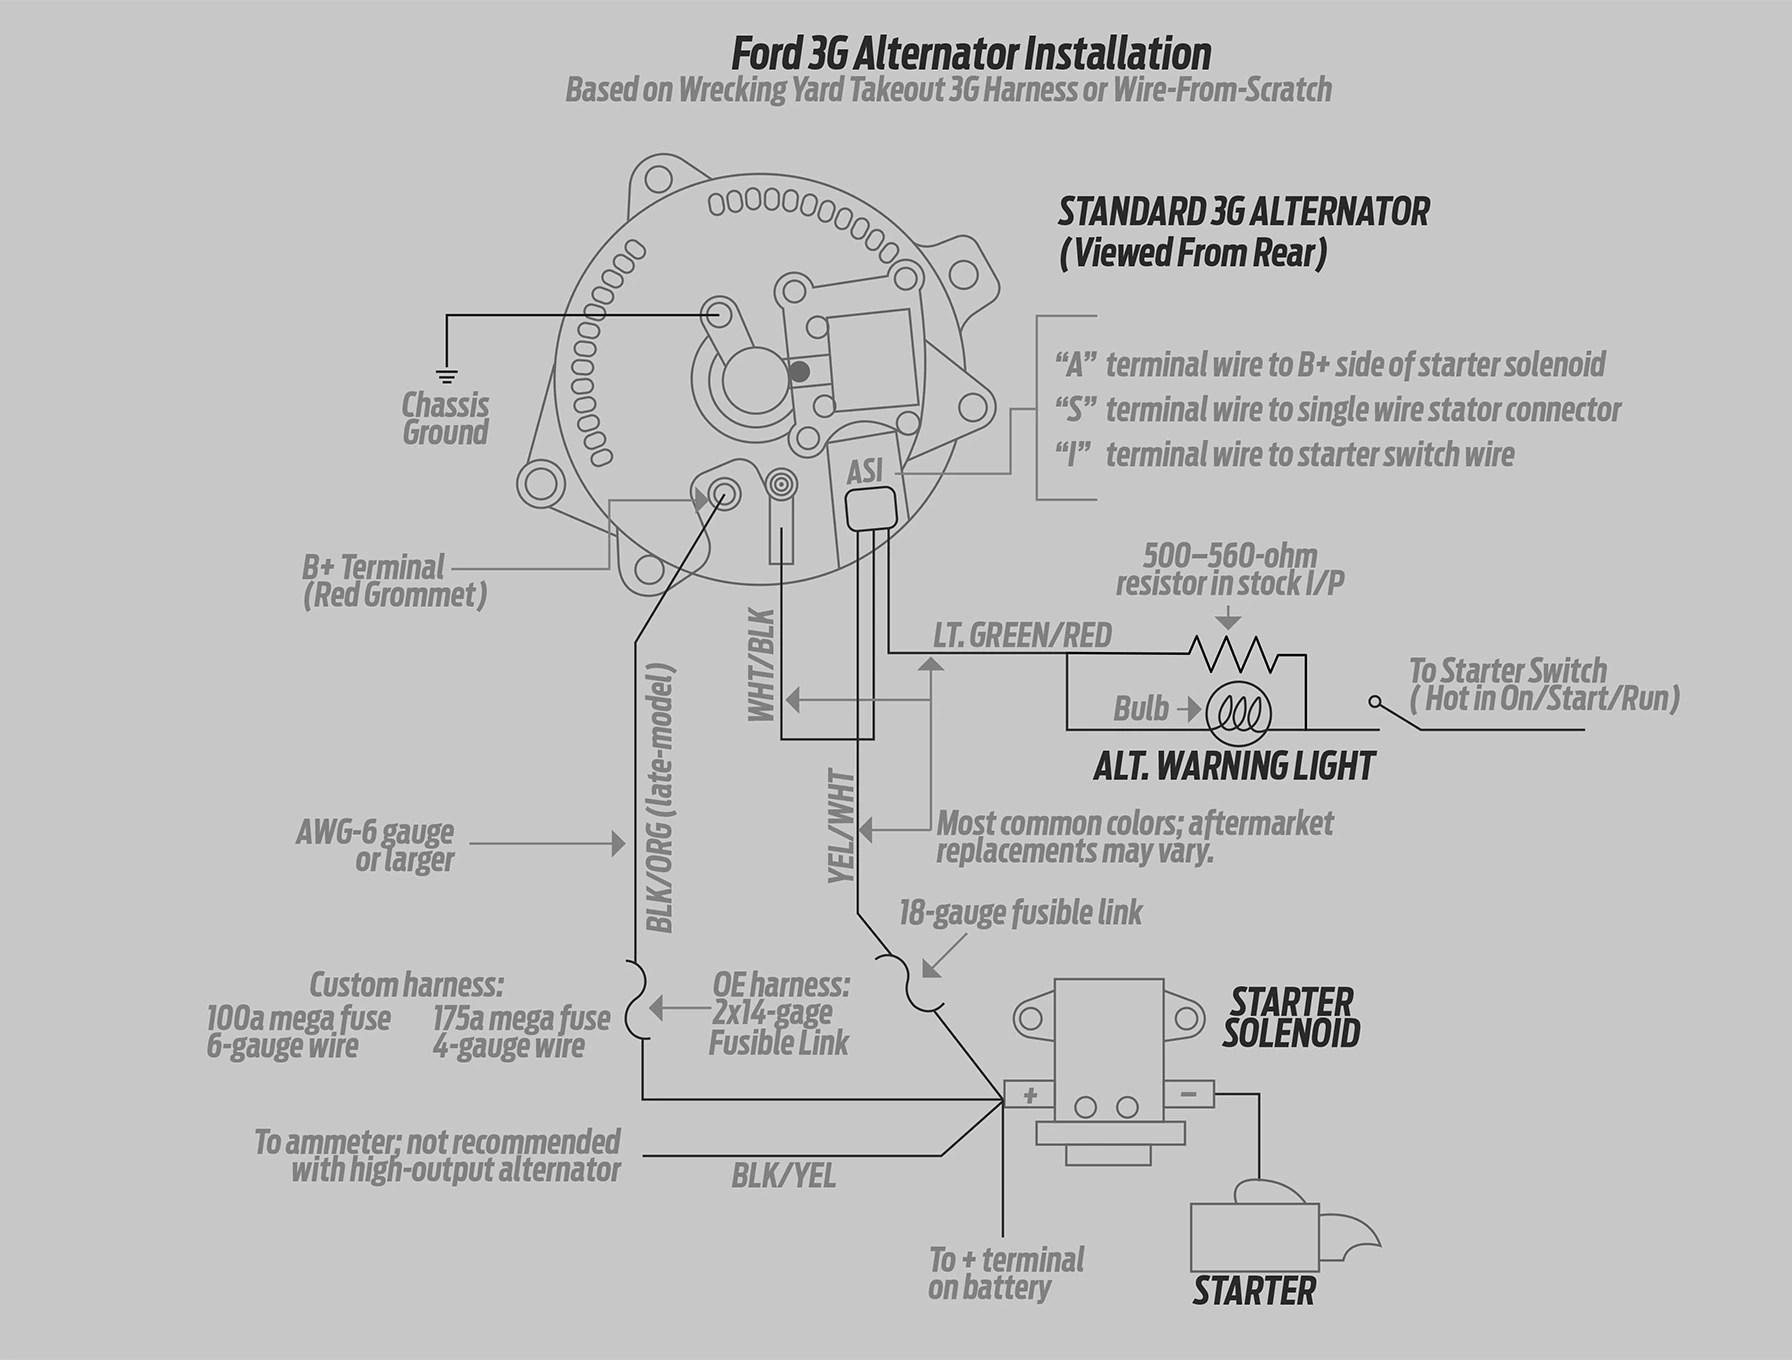 medium resolution of ford 3g alternator wiring wiring diagram details ford 3g alternator wiring harness